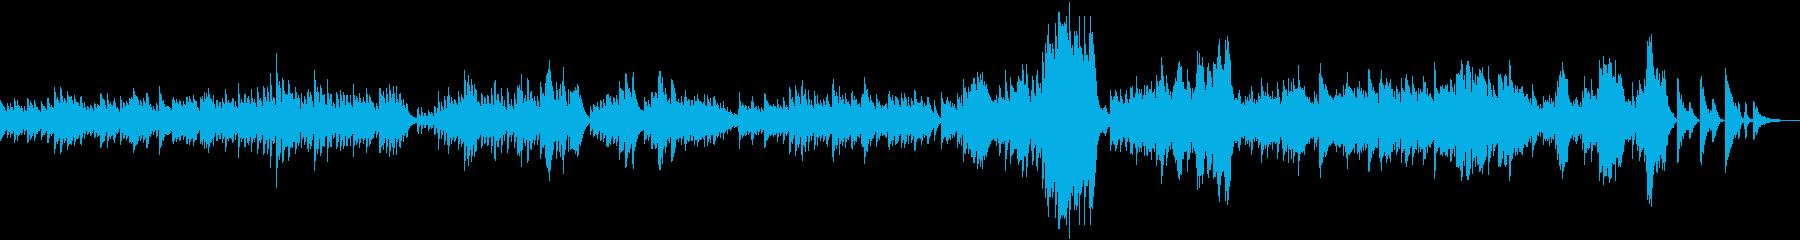 ベートーヴェン ピアノソナタ第8番 悲愴の再生済みの波形